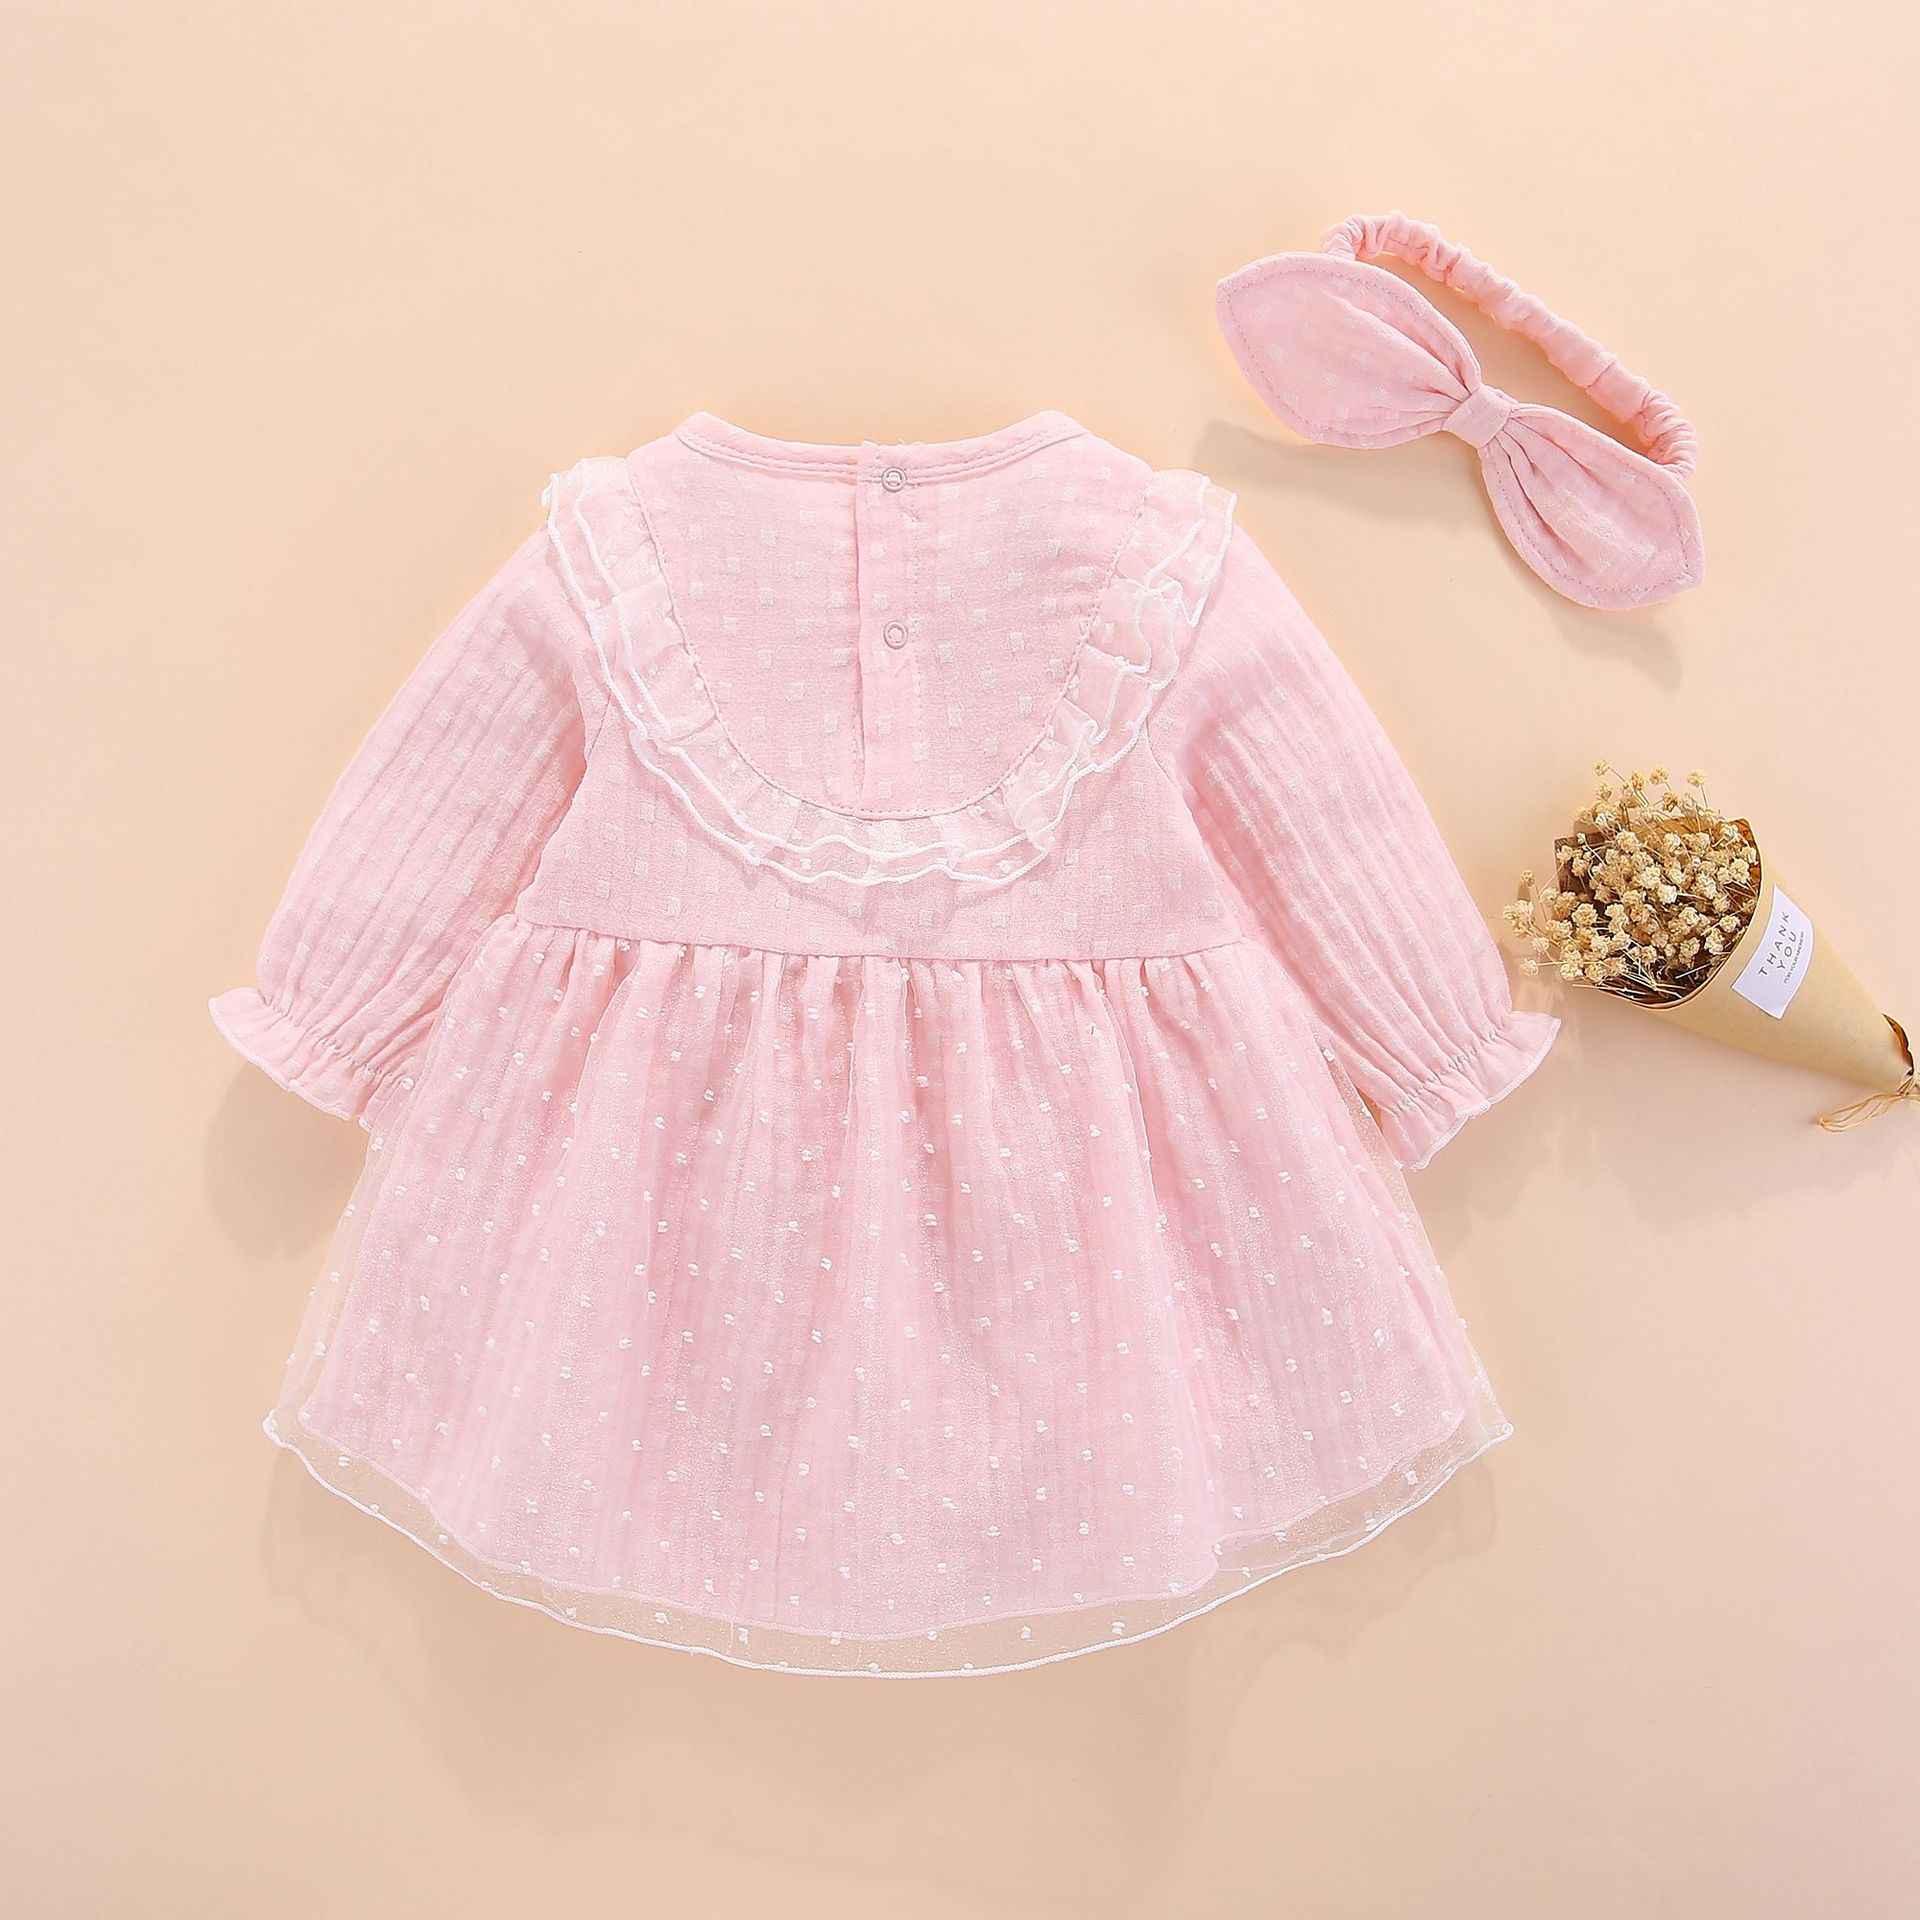 عالم اثار في الاعلى زخرفة newborn dresses 8 8 months